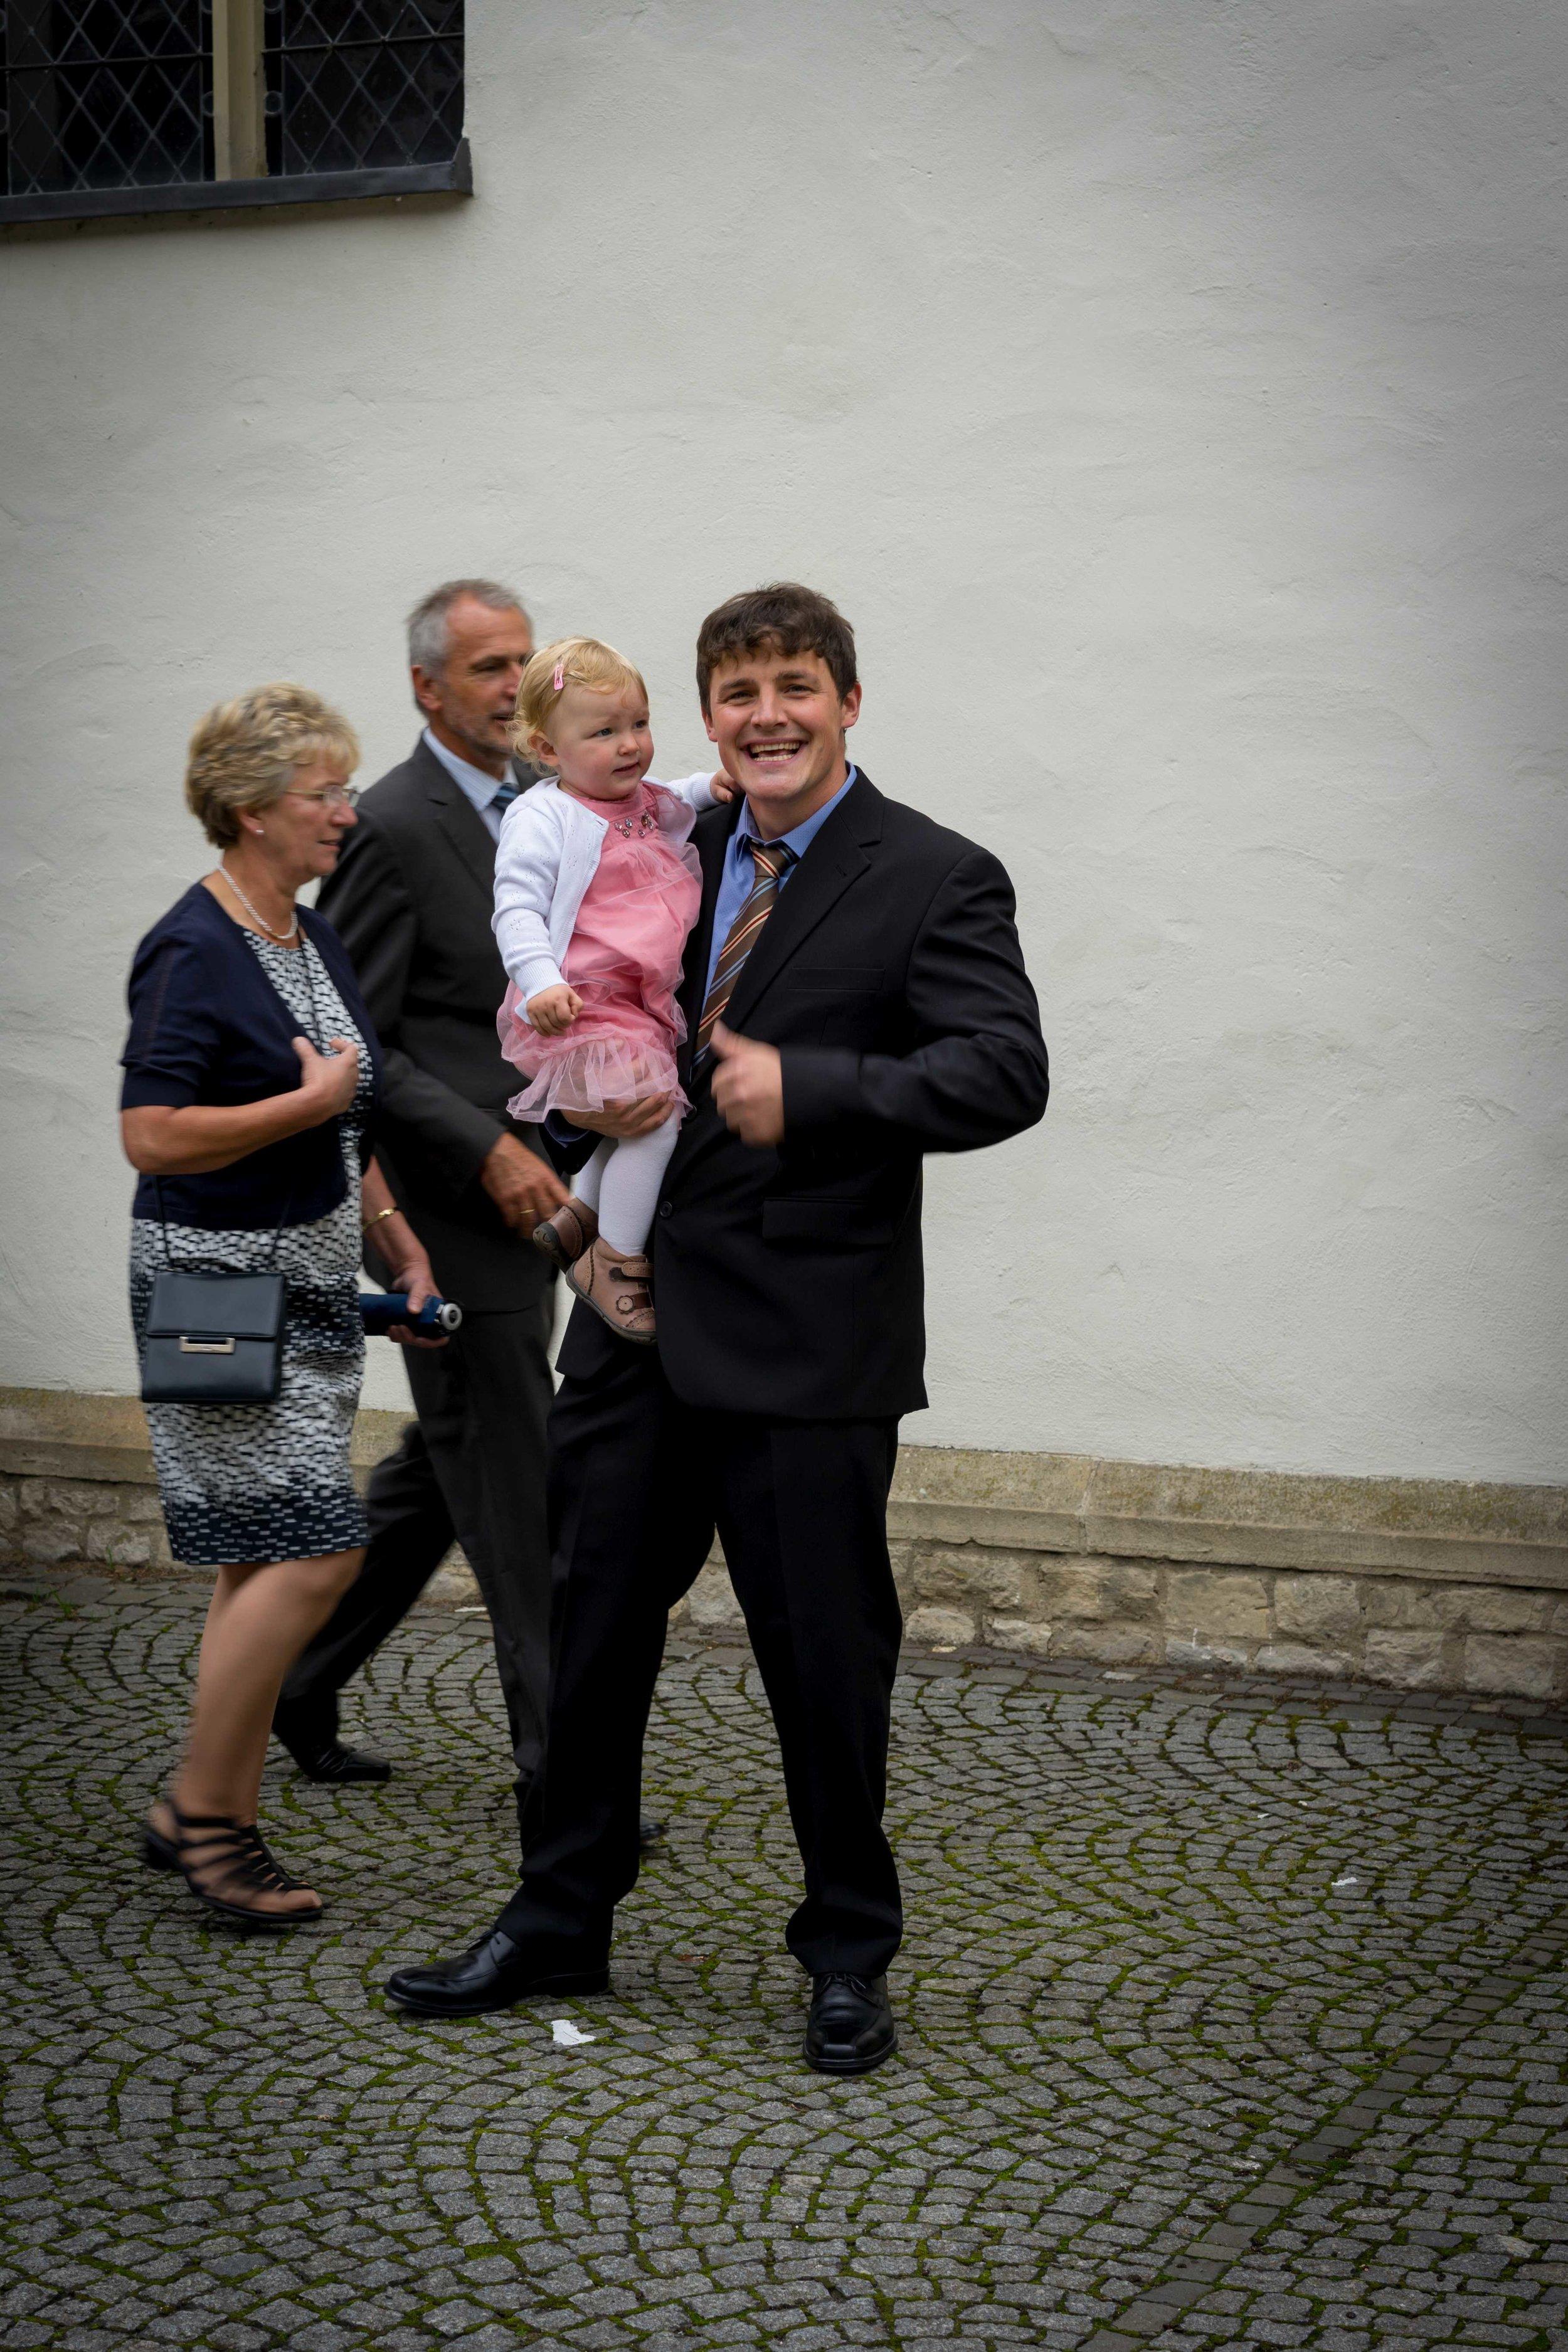 Hochzeit_Frauke_Vincent_015.jpg